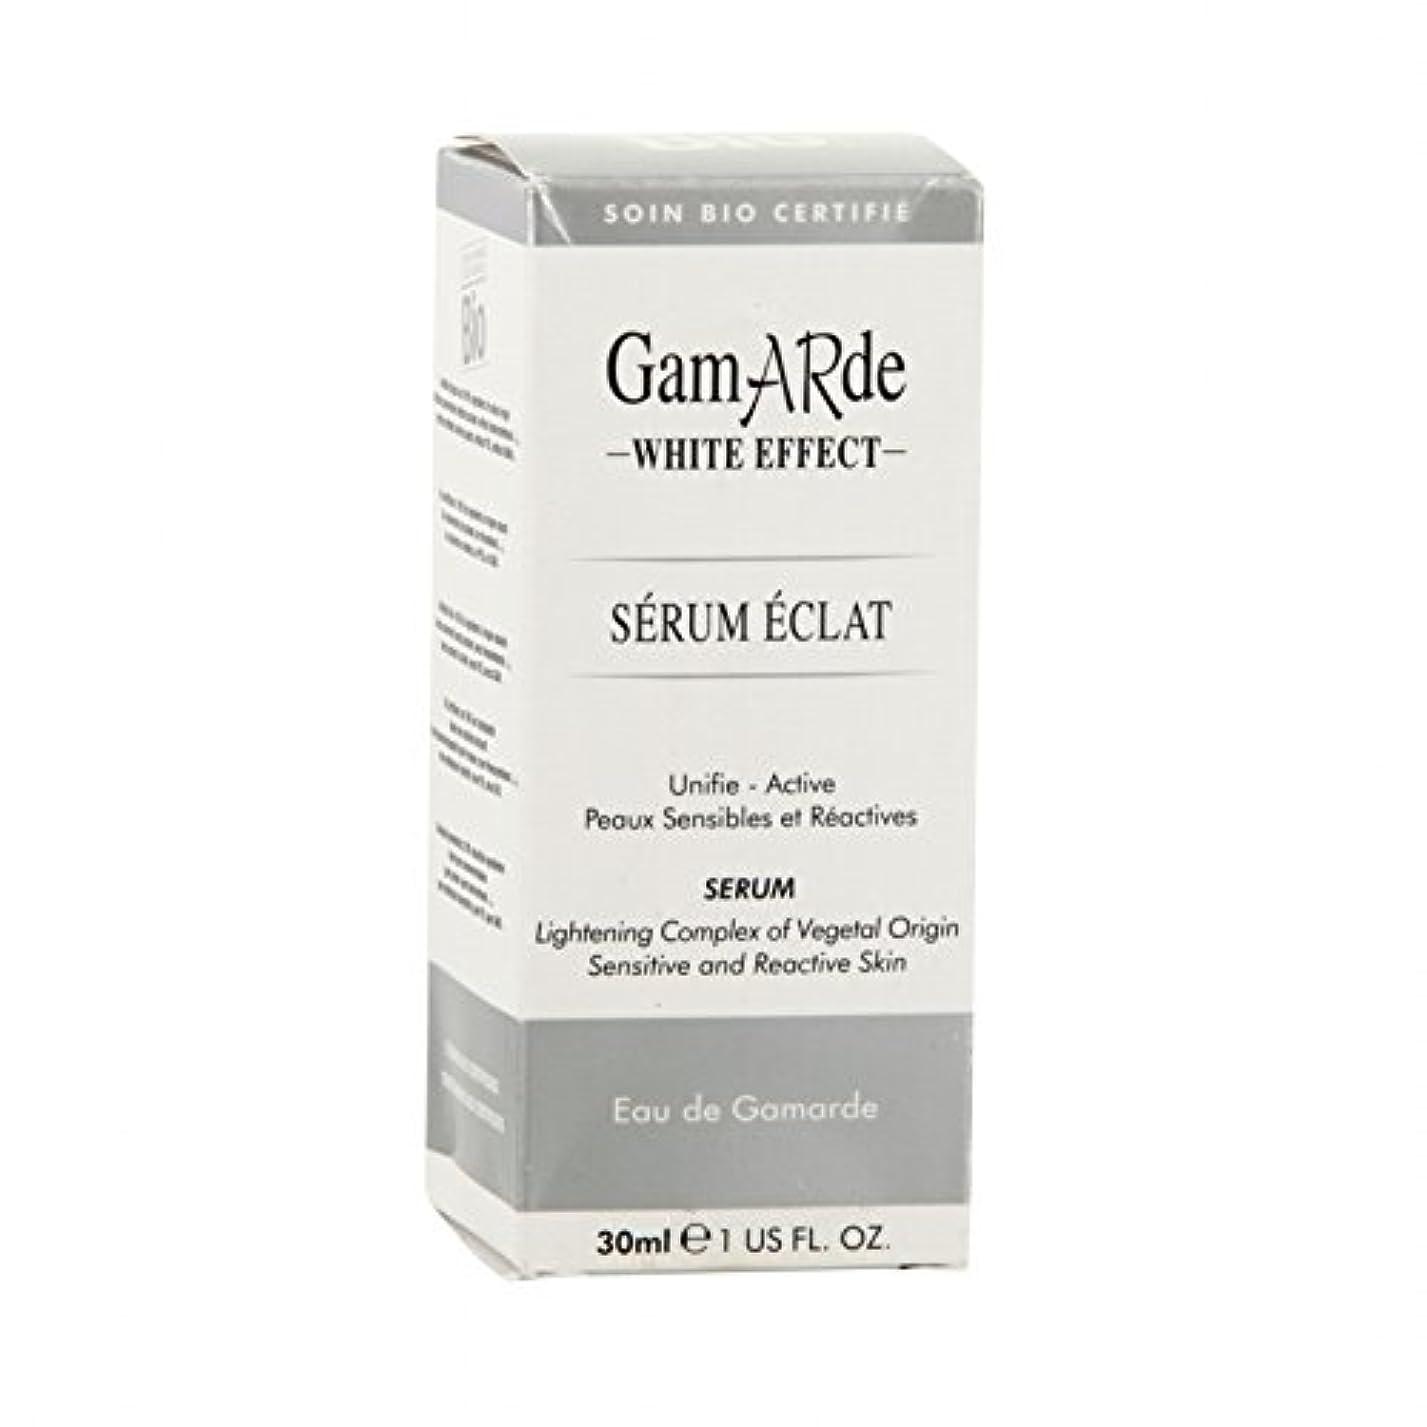 静脈サリー物語ガマルドWE セラム エクラ 30mL (美容液)/ GamARde ~WHITE EFFECT~ SERUM ECLAT <BIO>ホワイトエフェクト